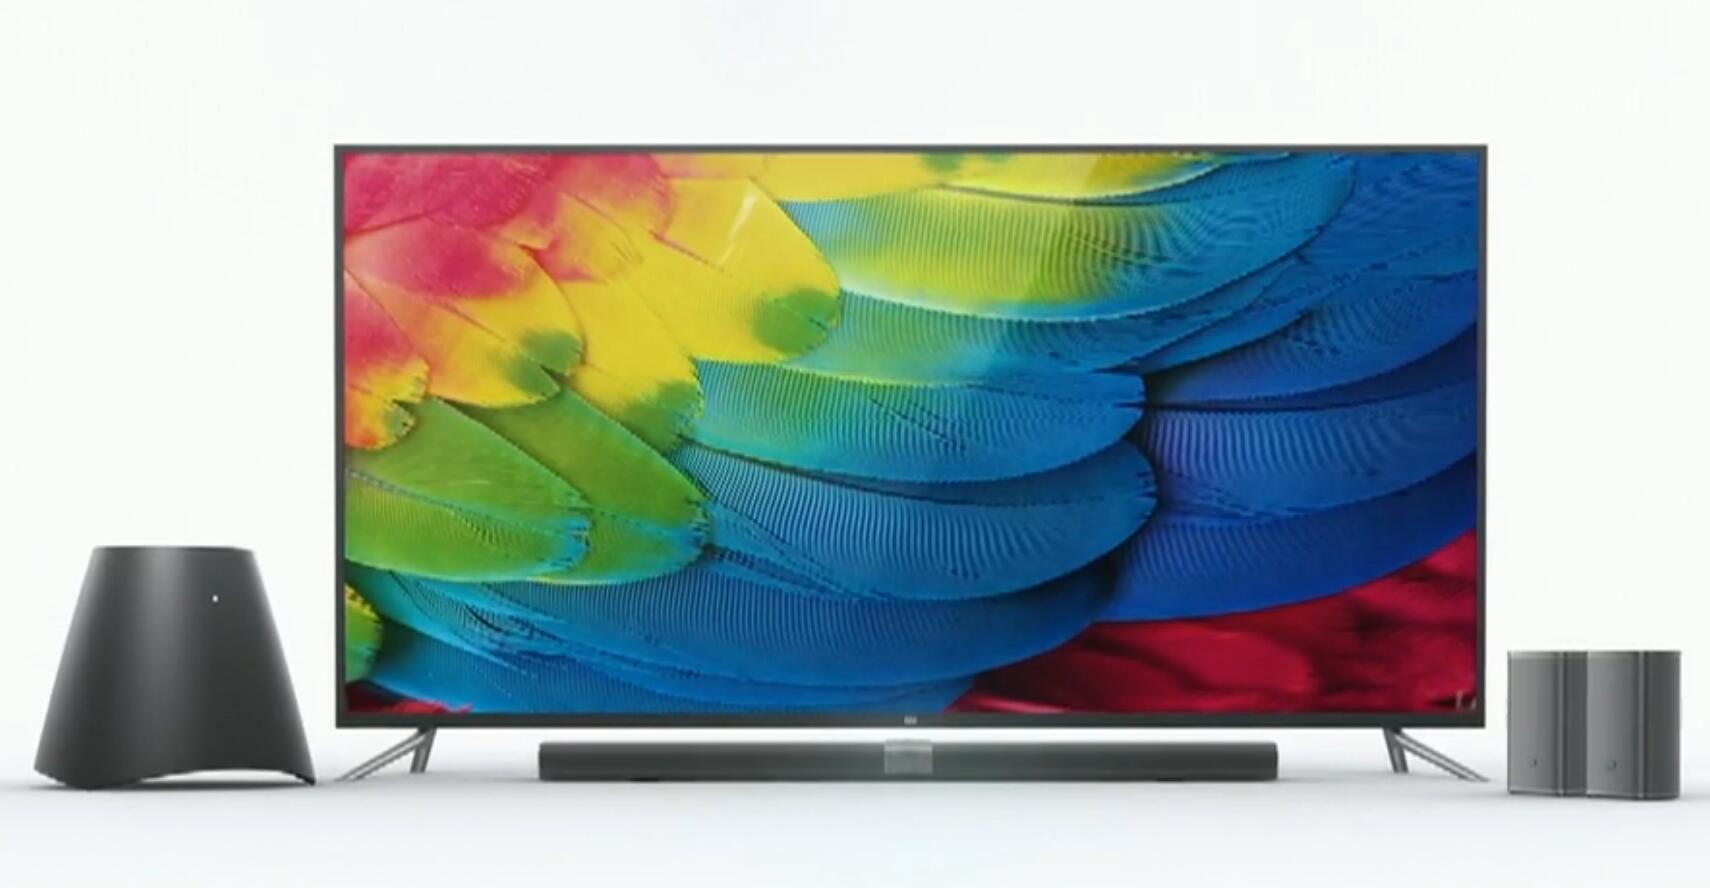 小米电视3S人工智能电视通过苹果手机安装第三方应用